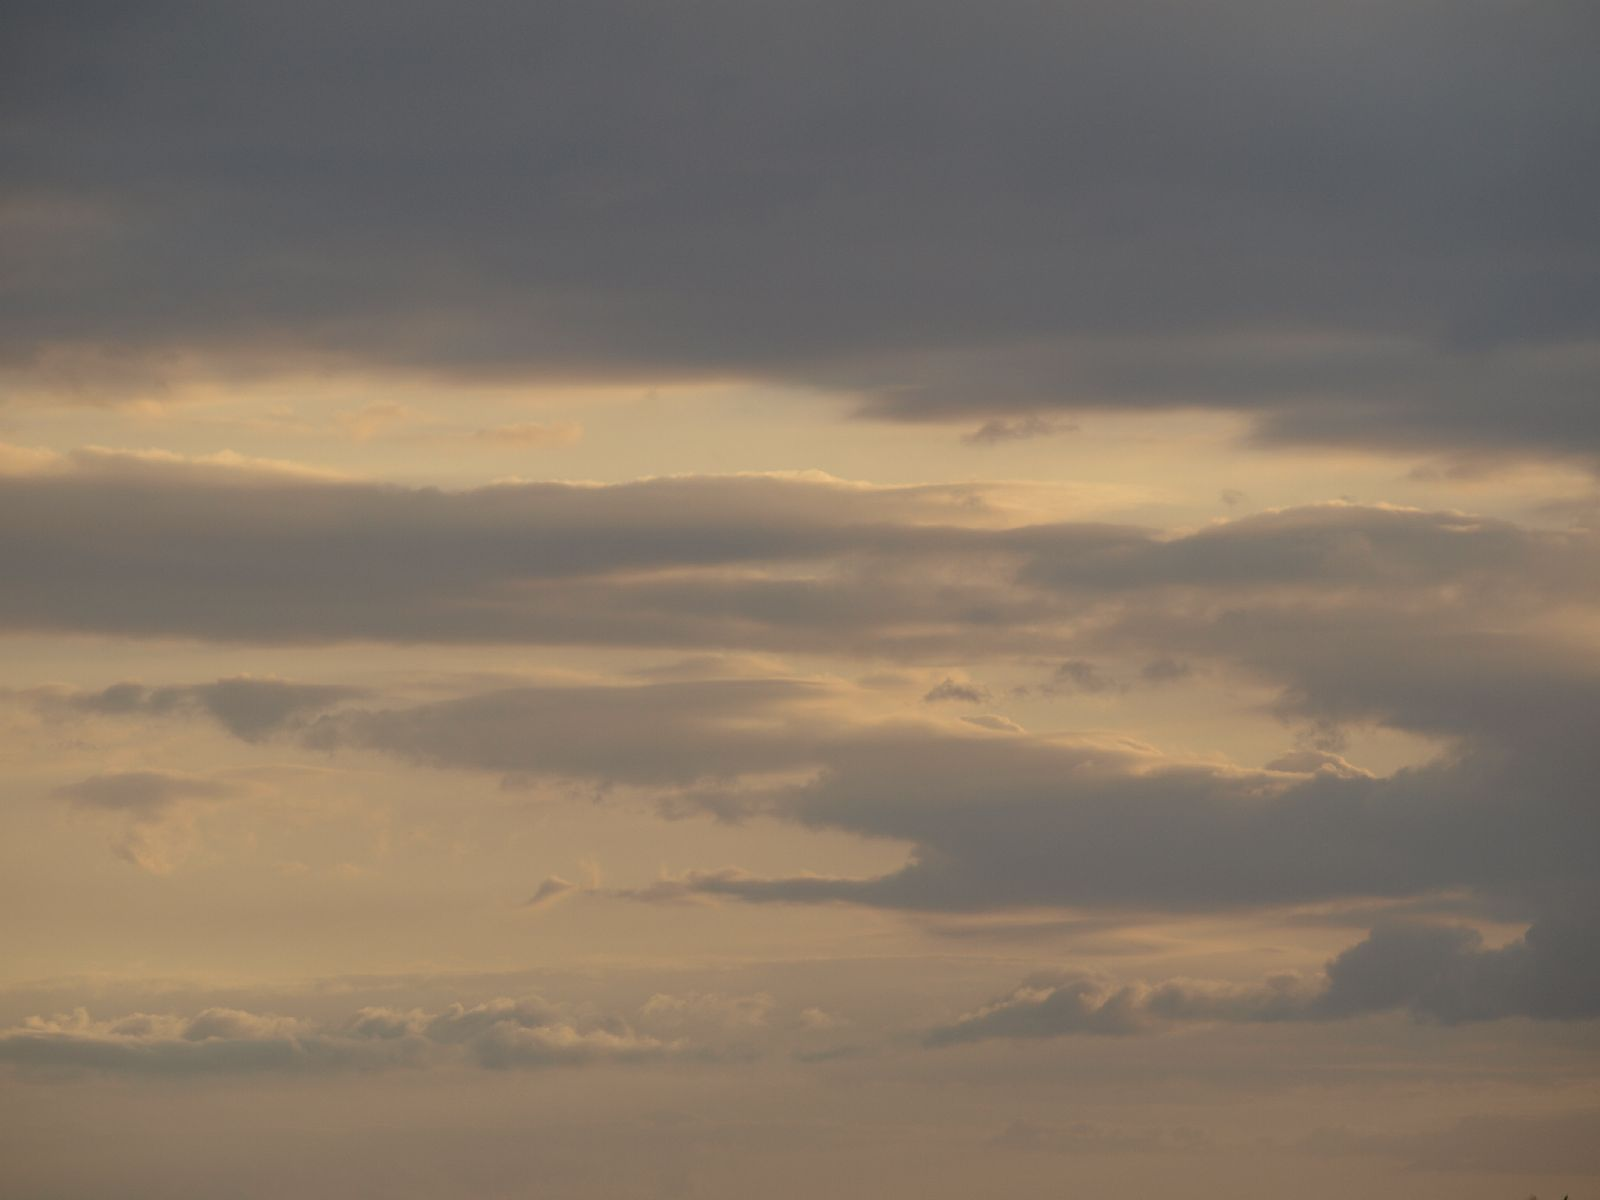 Himmel-Wolken-Foto_Textur_A_P5224460